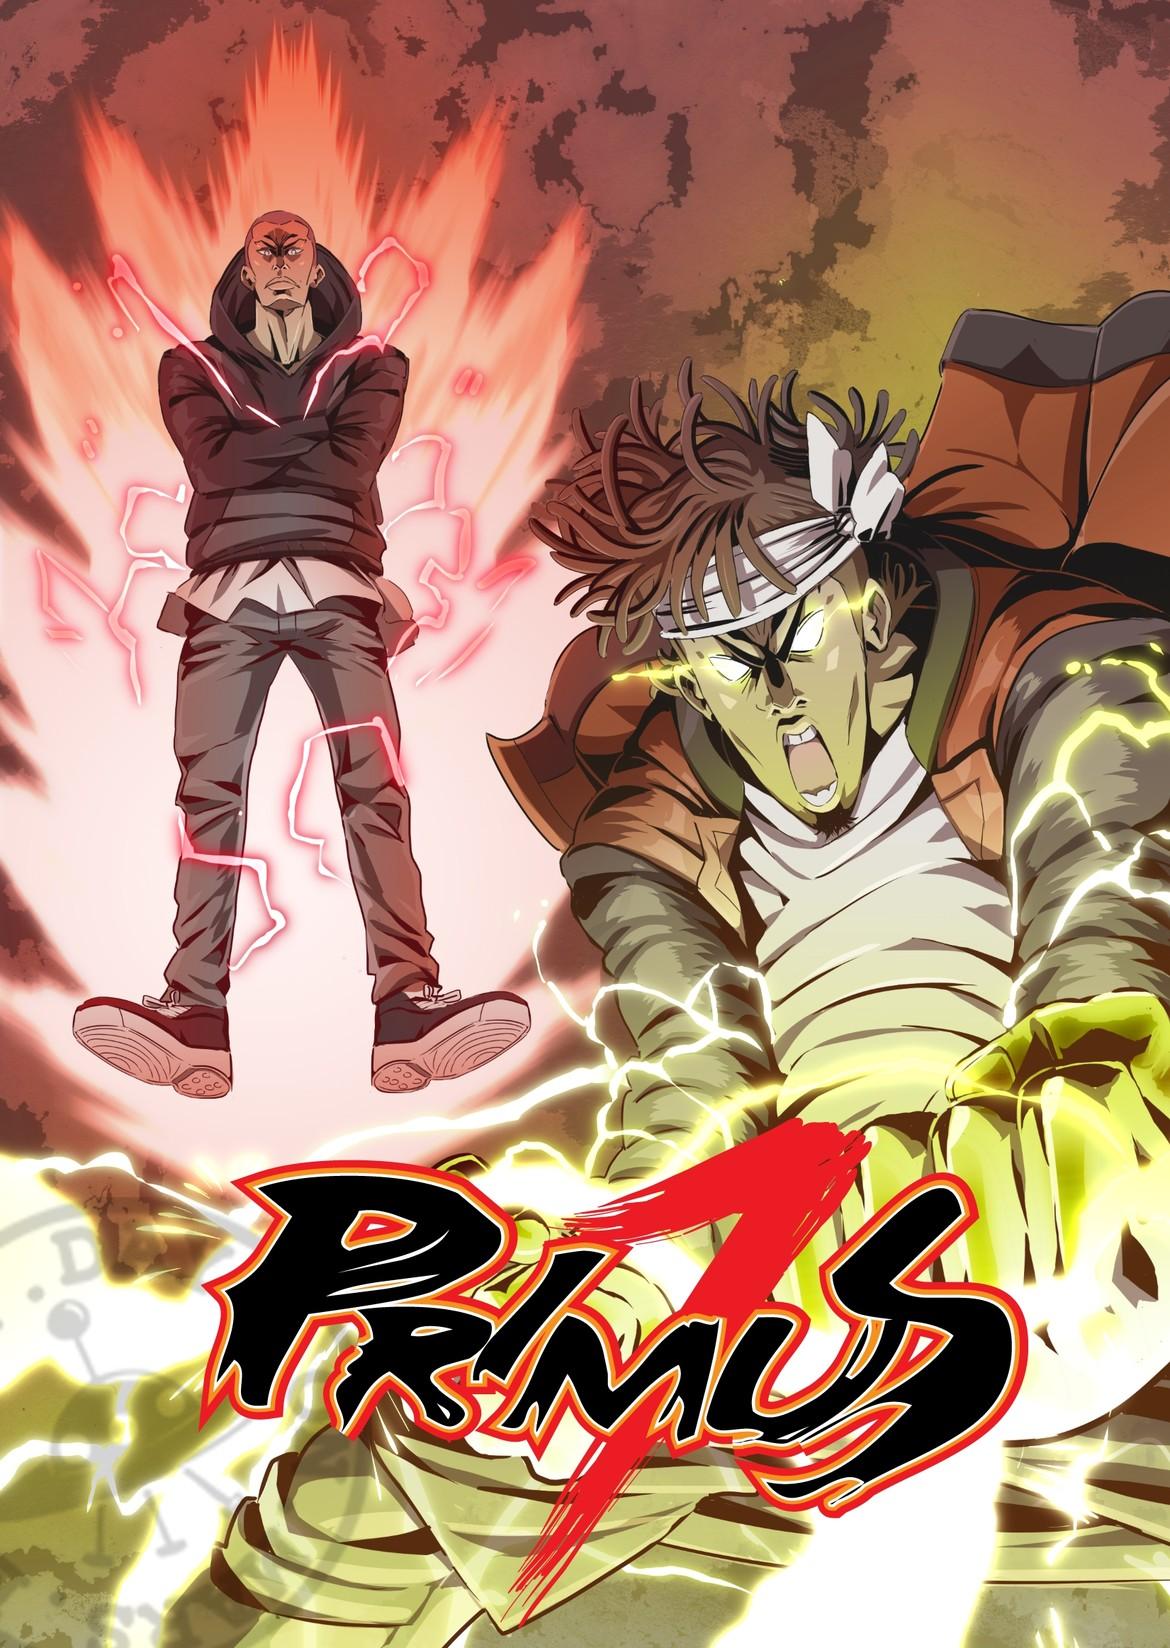 Primus 7 promo art